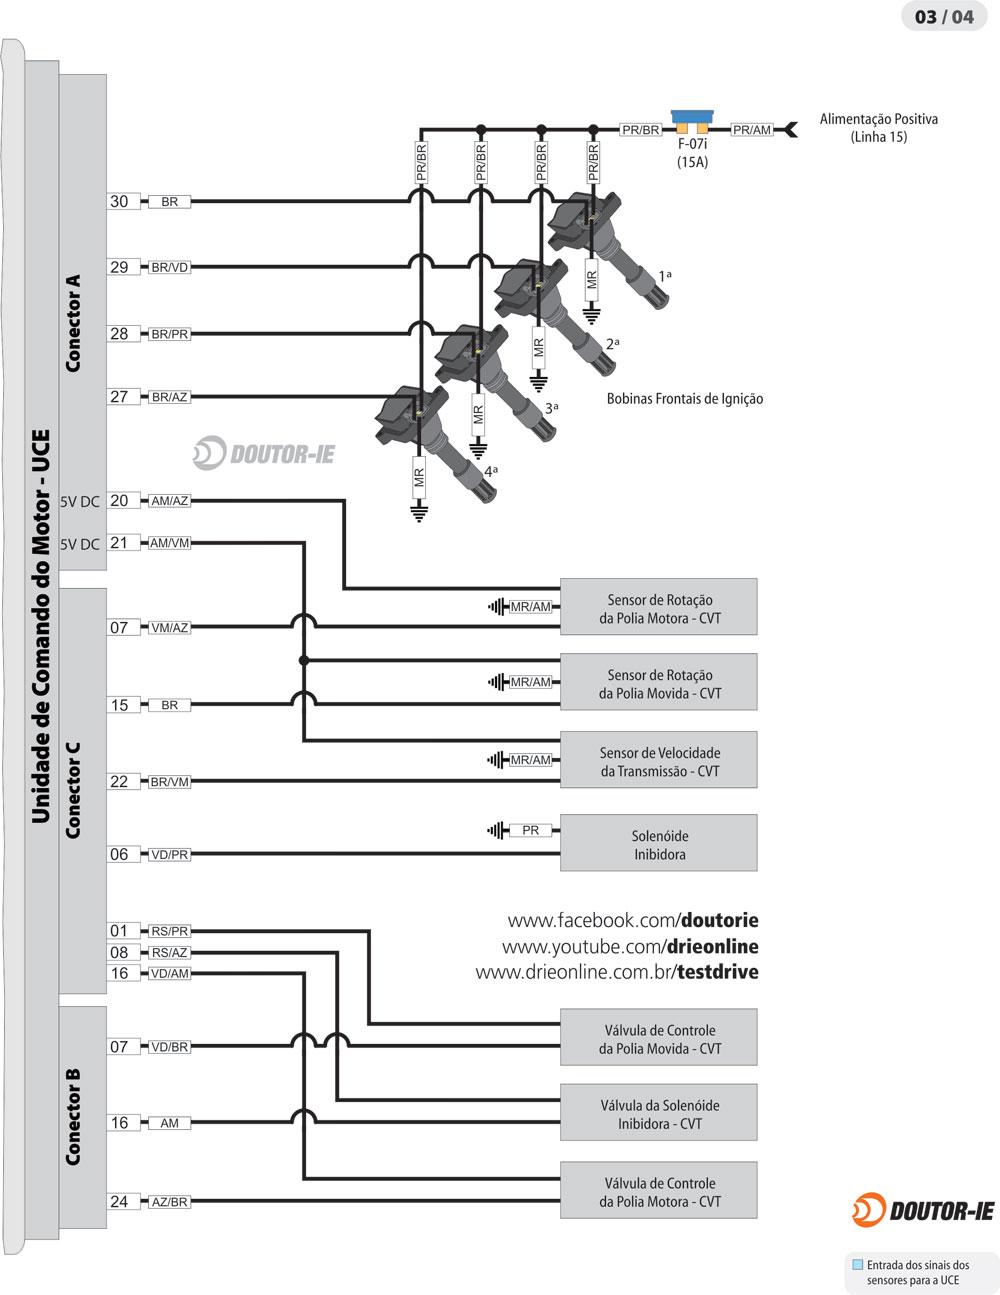 Oficina Brasil   T  cnicas   Diagrama el  trico do sistema